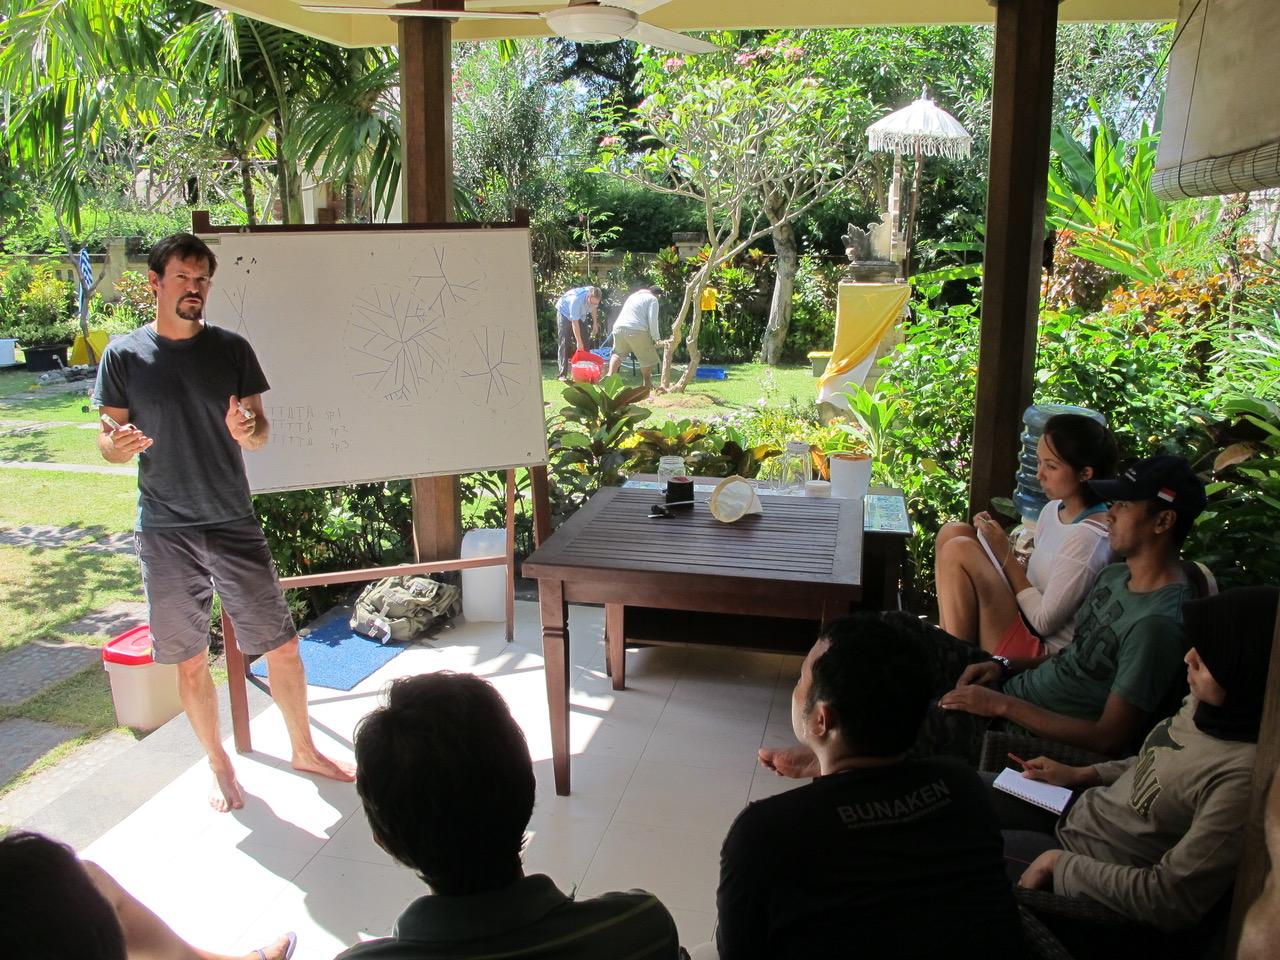 Chris Meyer teaching in Bali.